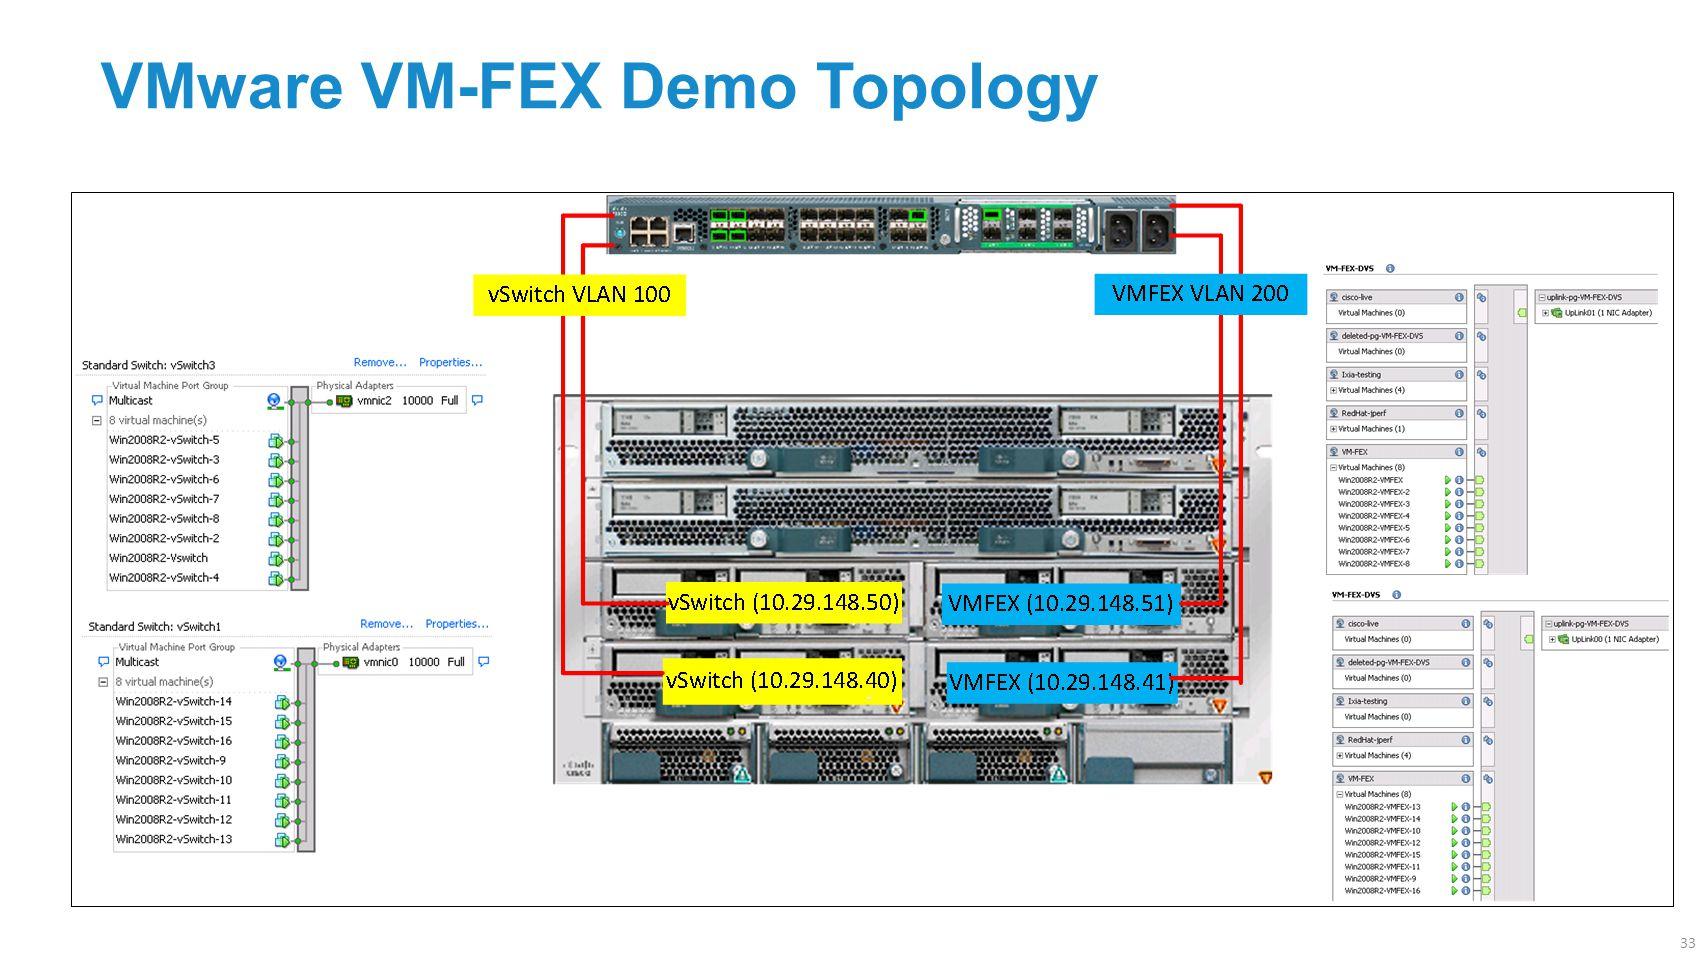 VMware VM-FEX Demo Topology 33